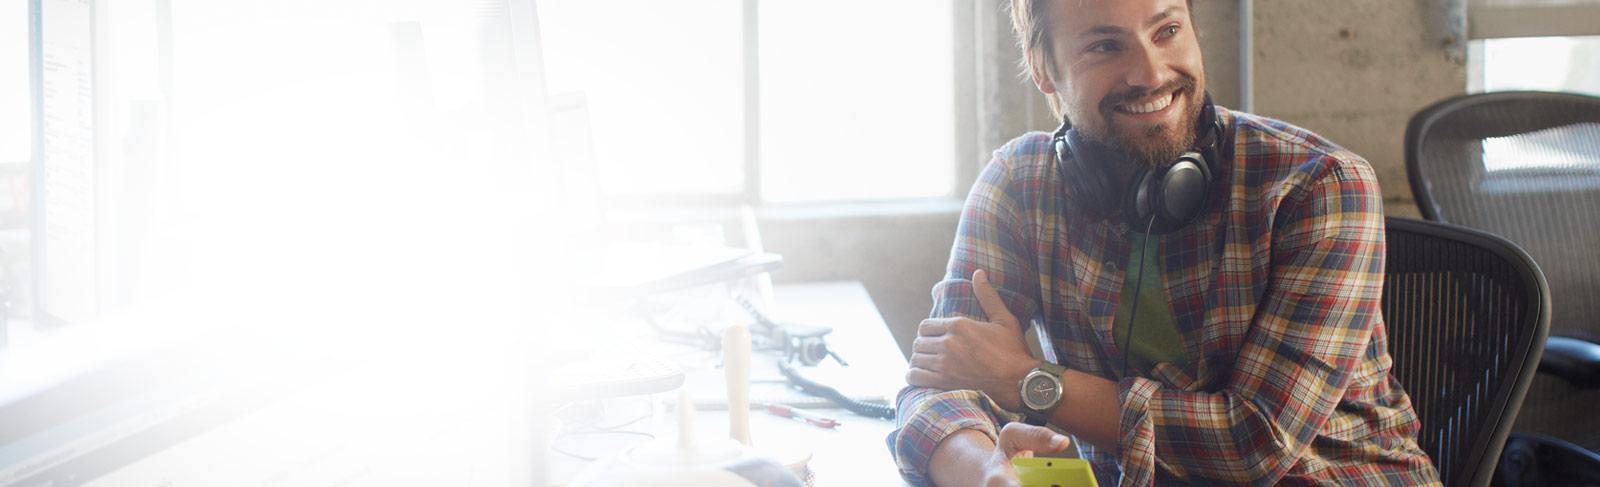 Ein Mann am Schreibtisch nutzt auf seinem Smartphone Office 365 Enterprise E1.